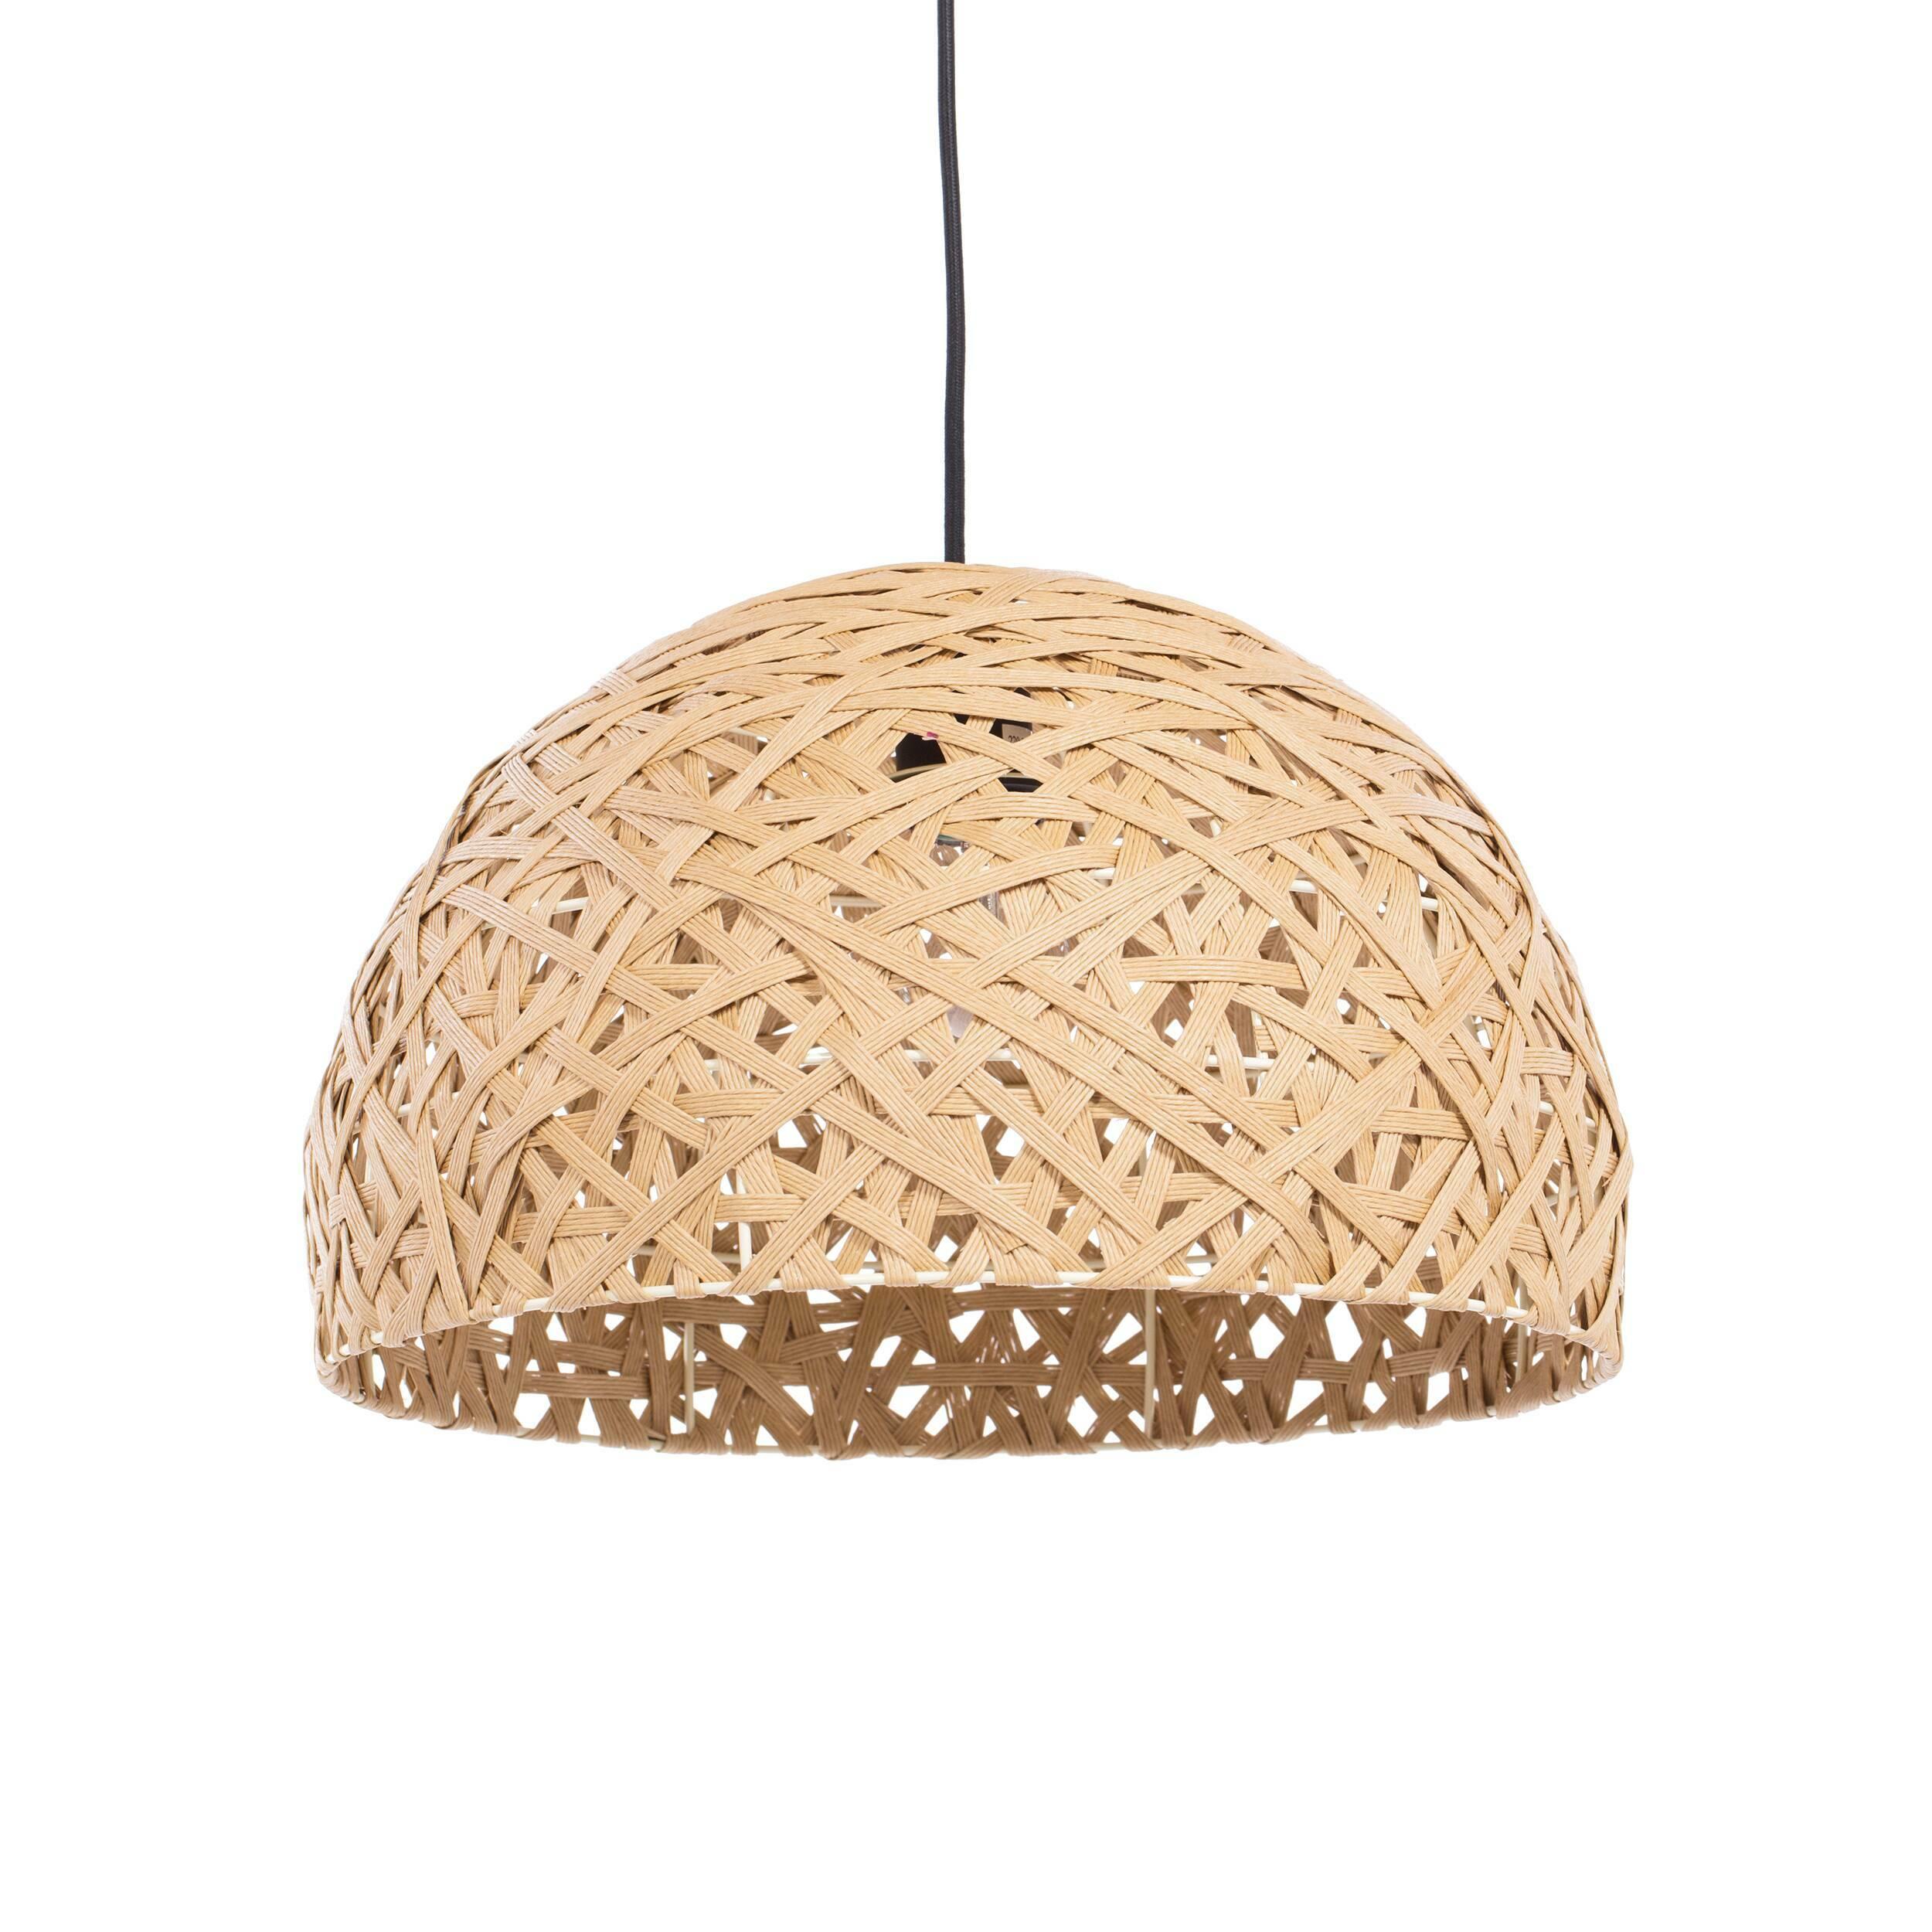 Подвесной светильник NestПодвесные<br>Порой чтобы создать по-настоящему стильный интерьер, совершенно не обязательно прибегать к покупке дорогостоящего наполнения. Очень важно достигнуть баланса простоты и стиля мебели, света и декора. Подвесной светильник Nest — это отличный инструмент, с которым можно создать сдержанный, но стильный дизайн помещения для жизни. <br> <br> Светильник можно использовать как в интерьере гостиной, так и кухни. Дизайнер предусмотрел два цветовых решения, поэтому светильник легко приспособить именно под ва...<br><br>stock: 39<br>Высота: 150<br>Диаметр: 40<br>Количество ламп: 1<br>Материал абажура: Бумага<br>Материал арматуры: Металл<br>Мощность лампы: 40<br>Ламп в комплекте: Нет<br>Напряжение: 220-240<br>Тип лампы/цоколь: E27<br>Цвет абажура: Натуральный<br>Цвет арматуры: Черный матовый<br>Цвет провода: Черный